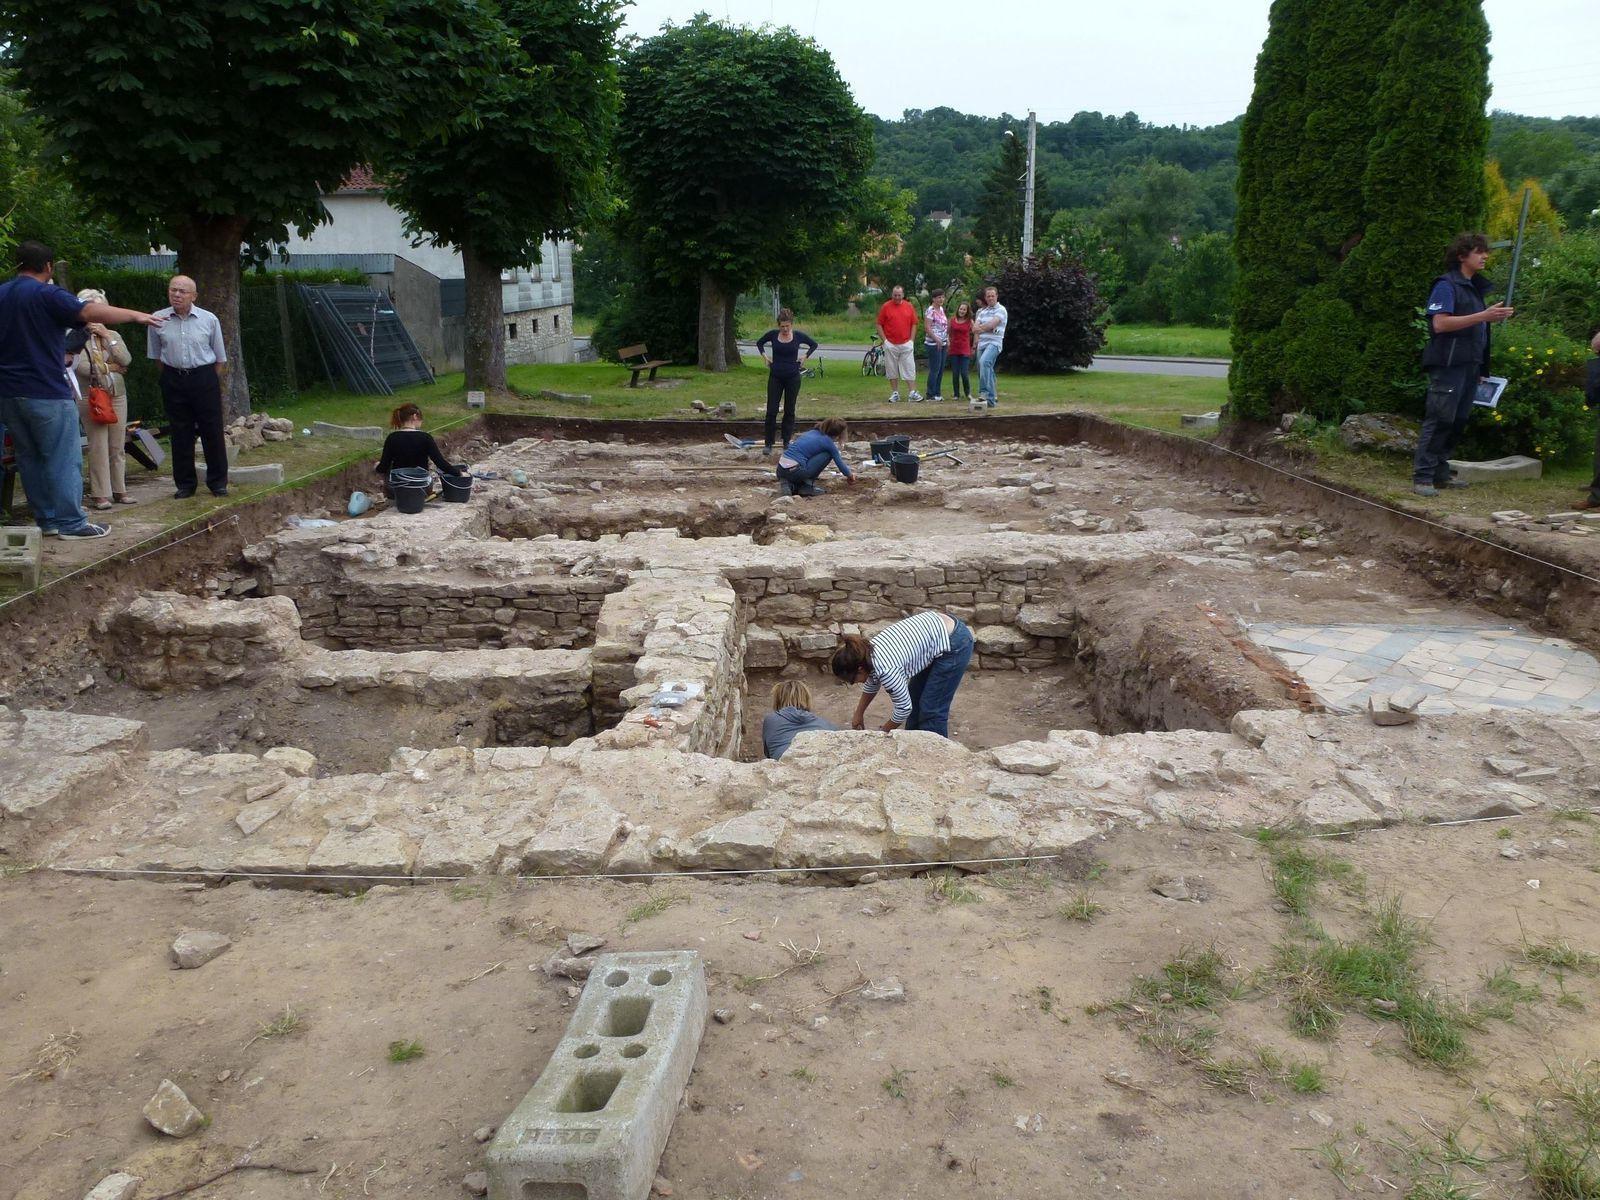 Le temps d'un week-end, le Conseil Départemental de la Moselle propose au public de découvrir le métier d'archéologue au Parc Archéologique Européen de Bliesbruck-Reinheim